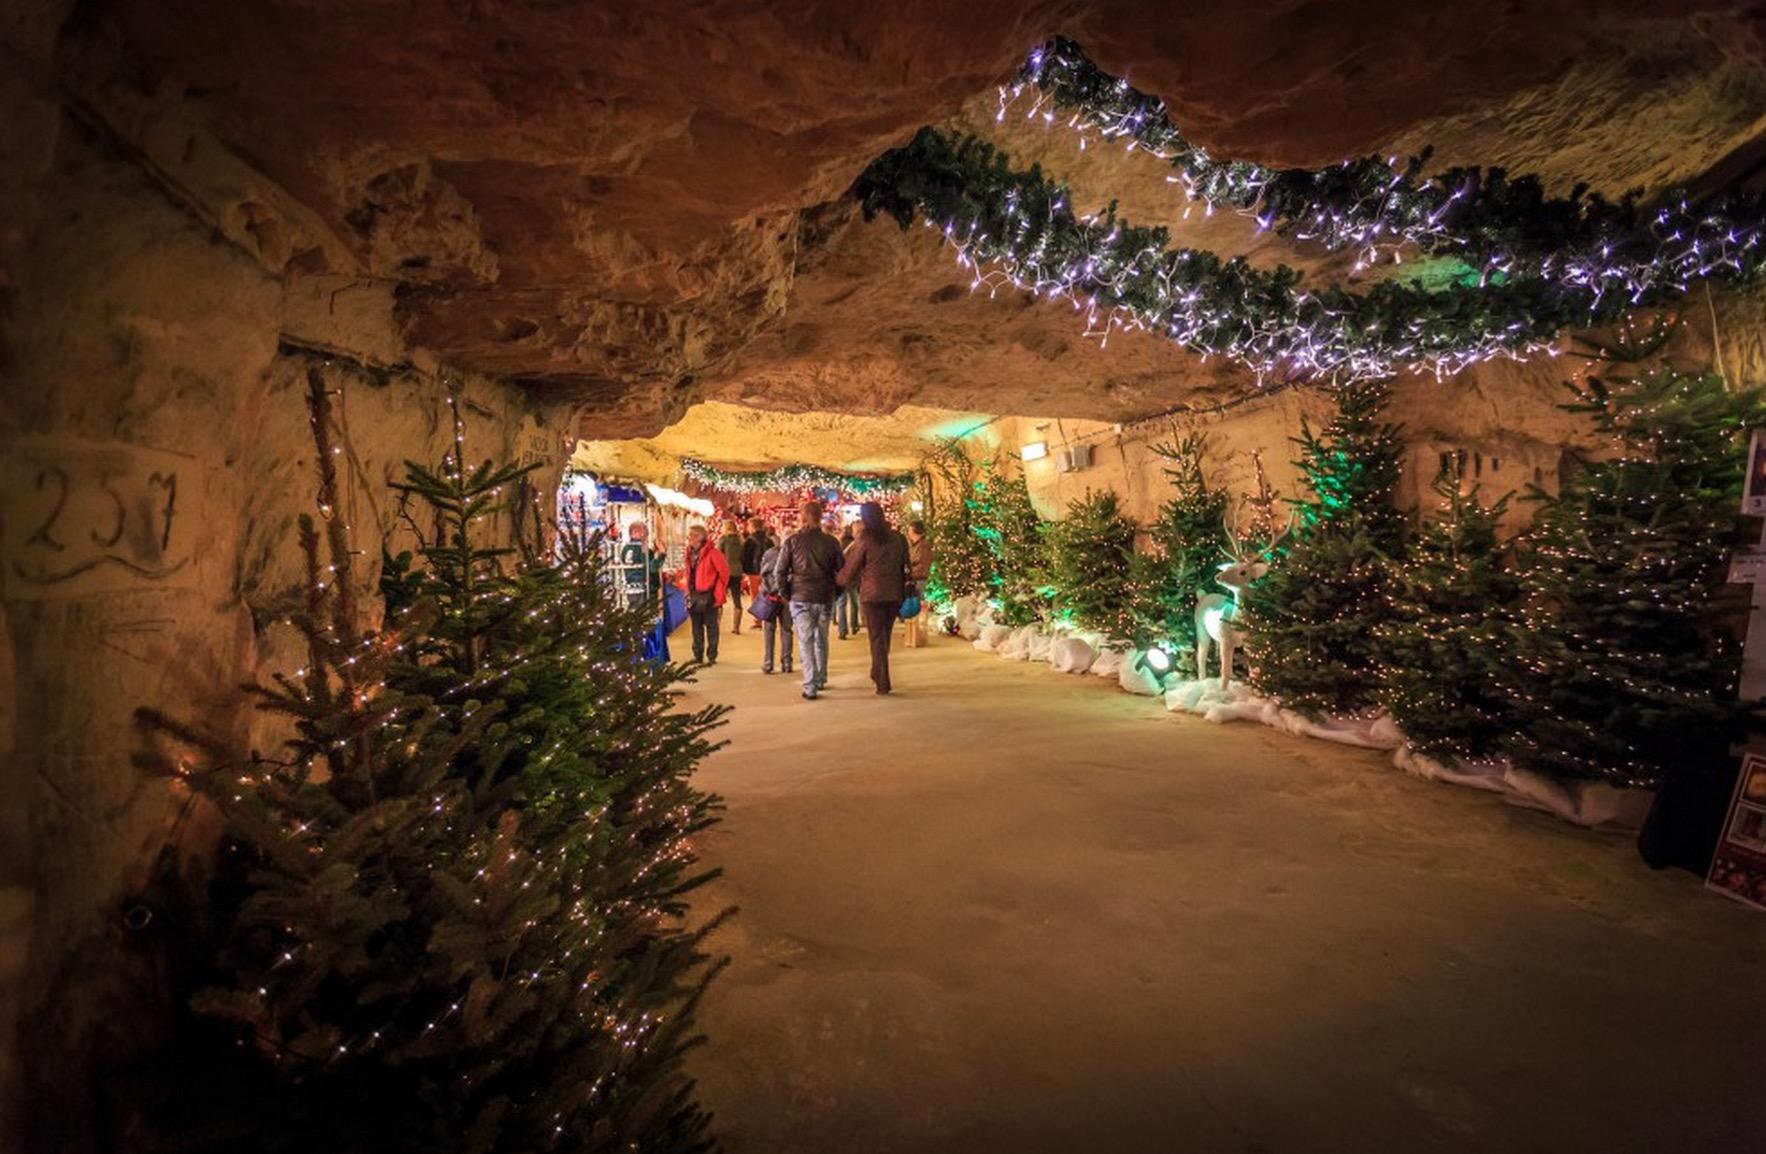 De Mooiste Kerstmarkten Van Europa En Dit Moet Je Er Hebben